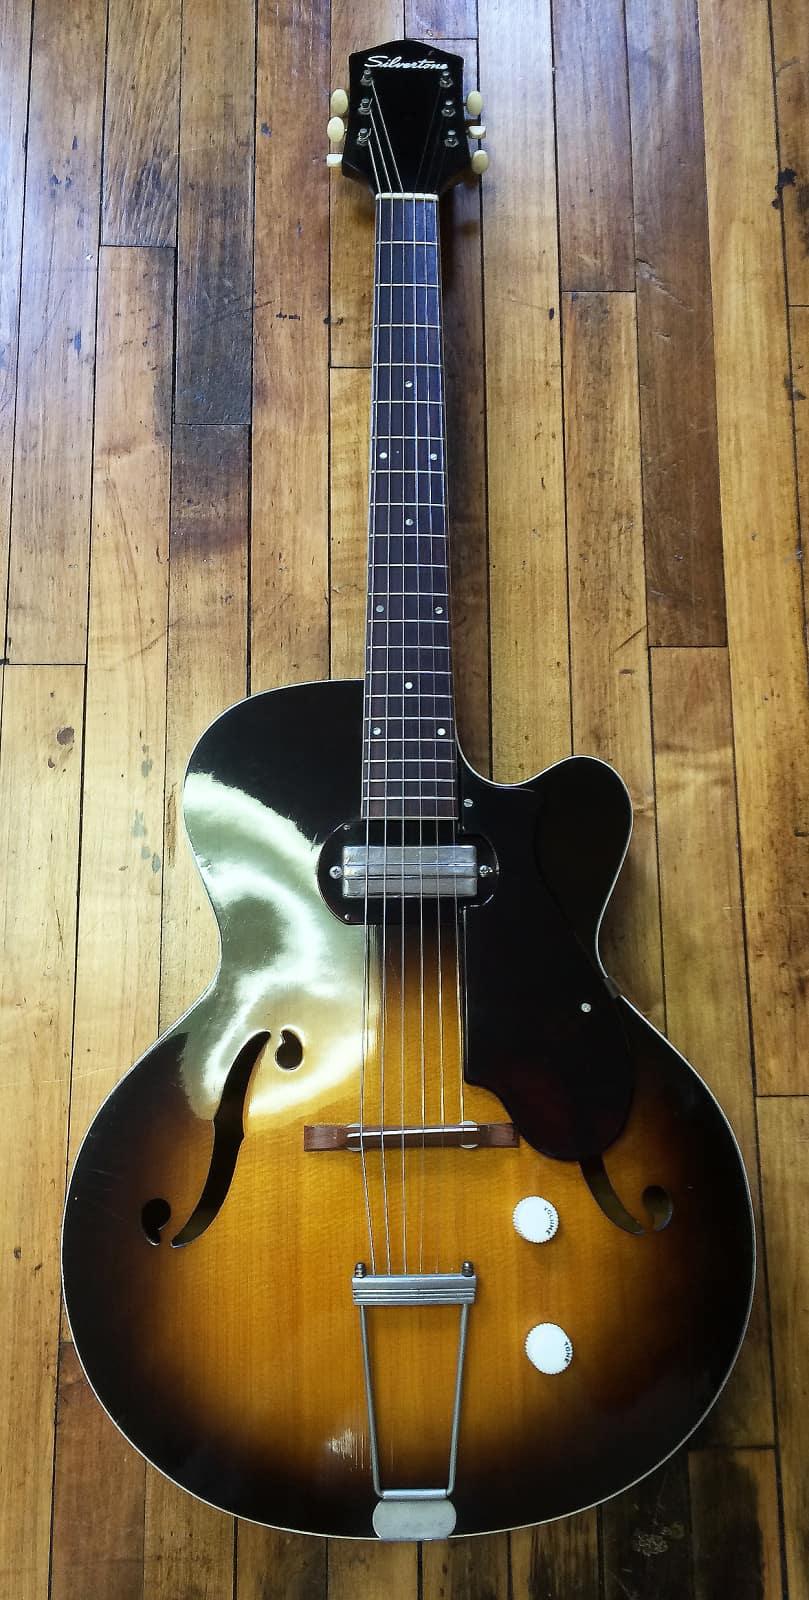 Auto Shops Near Me >> 1958 Silvertone H-61 1352 Vintage | Creter Guitar Shop | Reverb